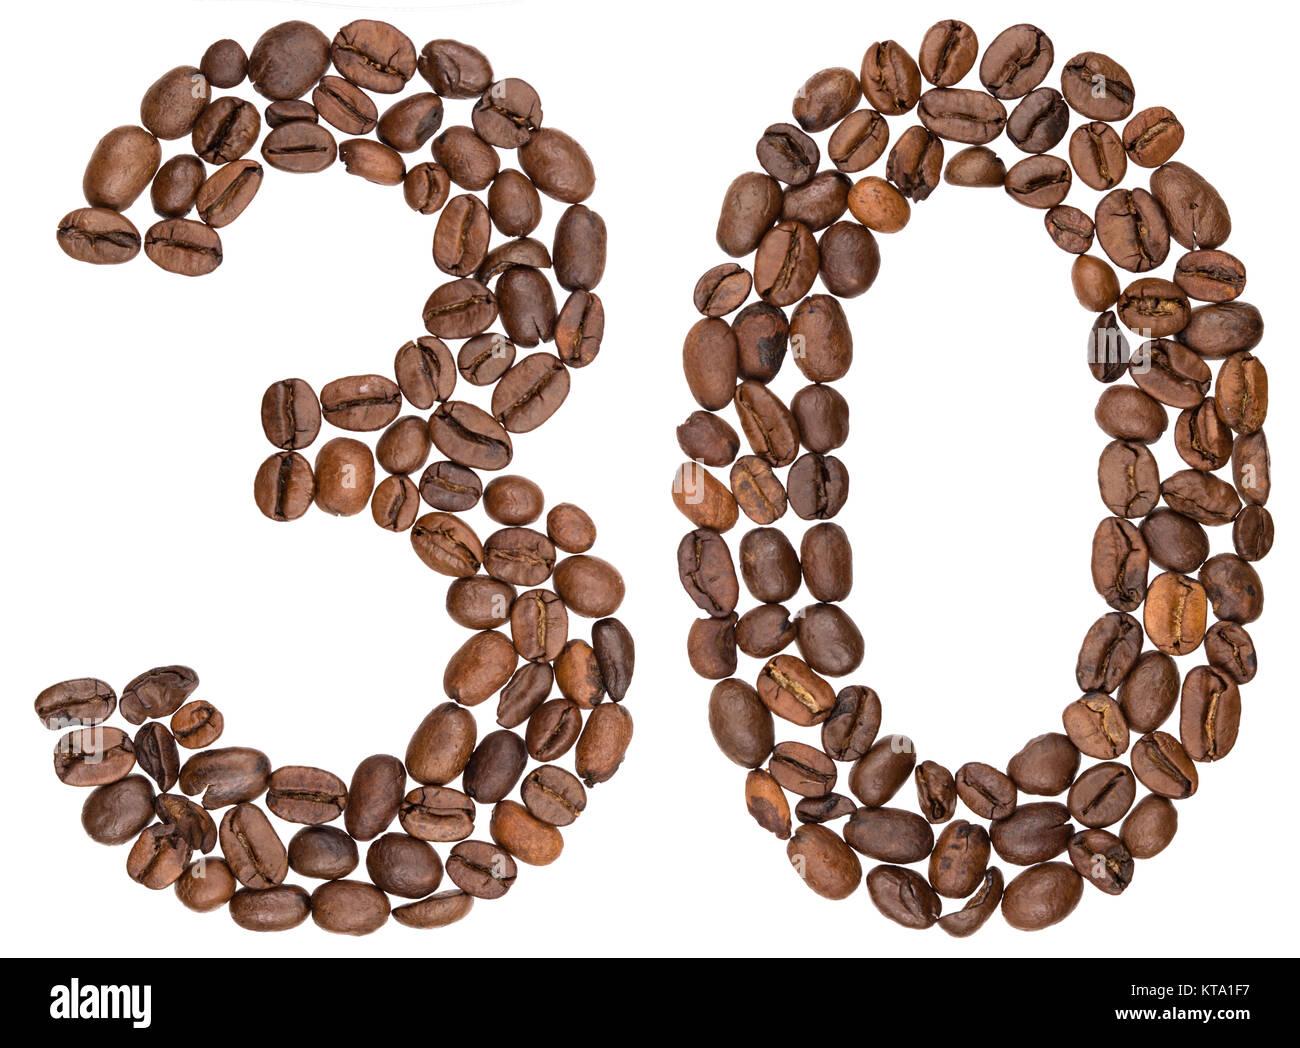 Arábigos, 30, 34, de los granos de café, aislado sobre fondo blanco. Imagen De Stock